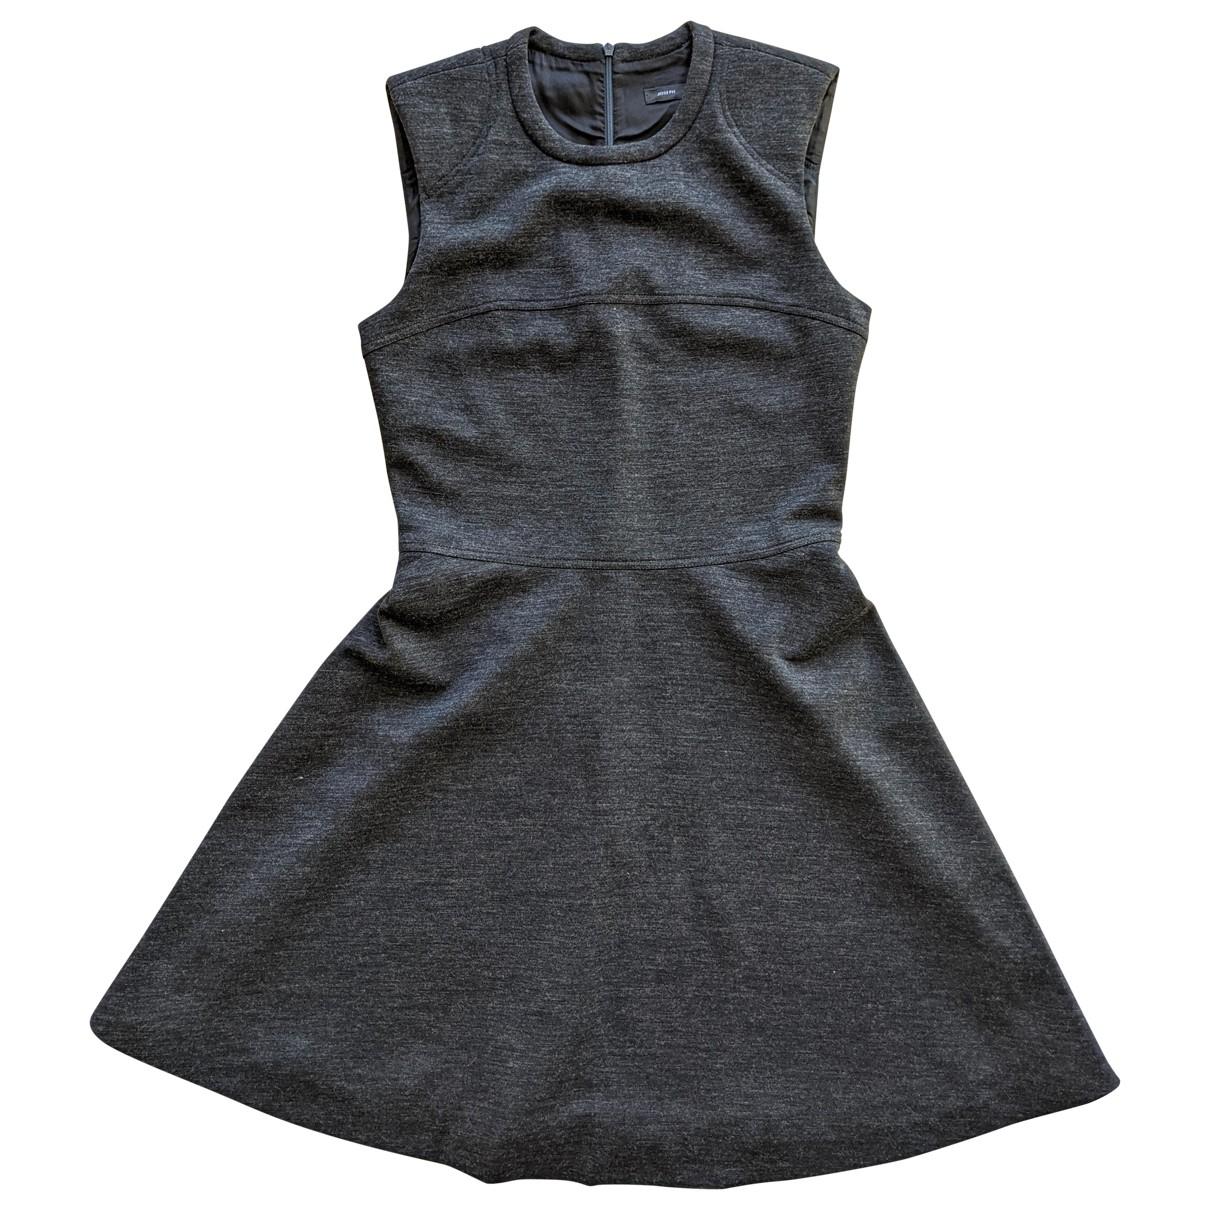 Joseph \N Anthracite Wool dress for Women 38 FR